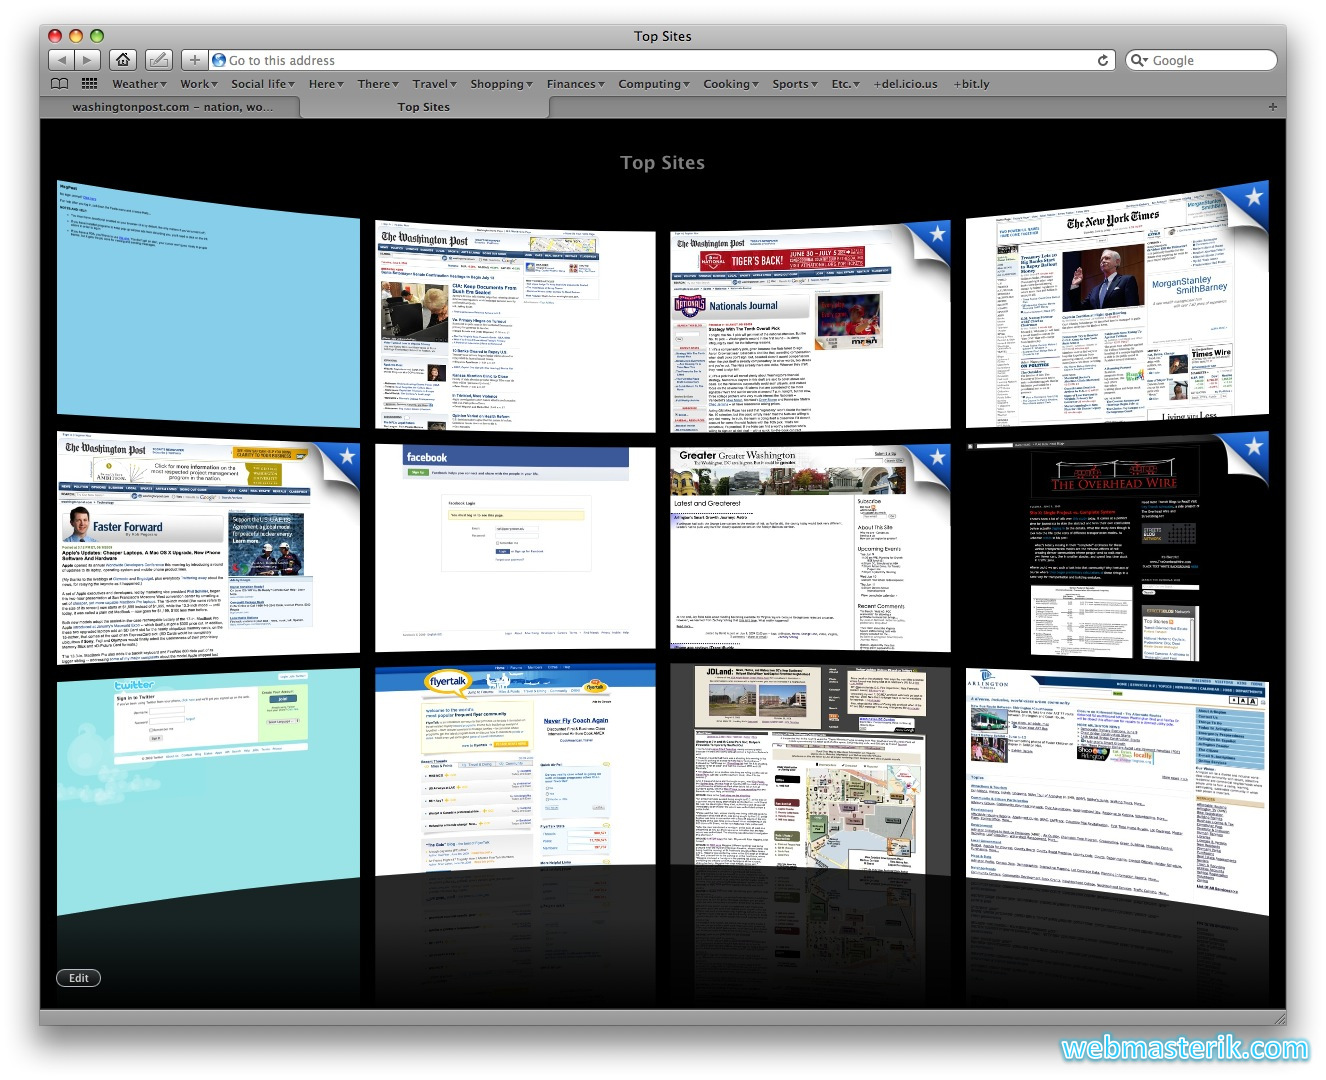 Скриншот в Safari